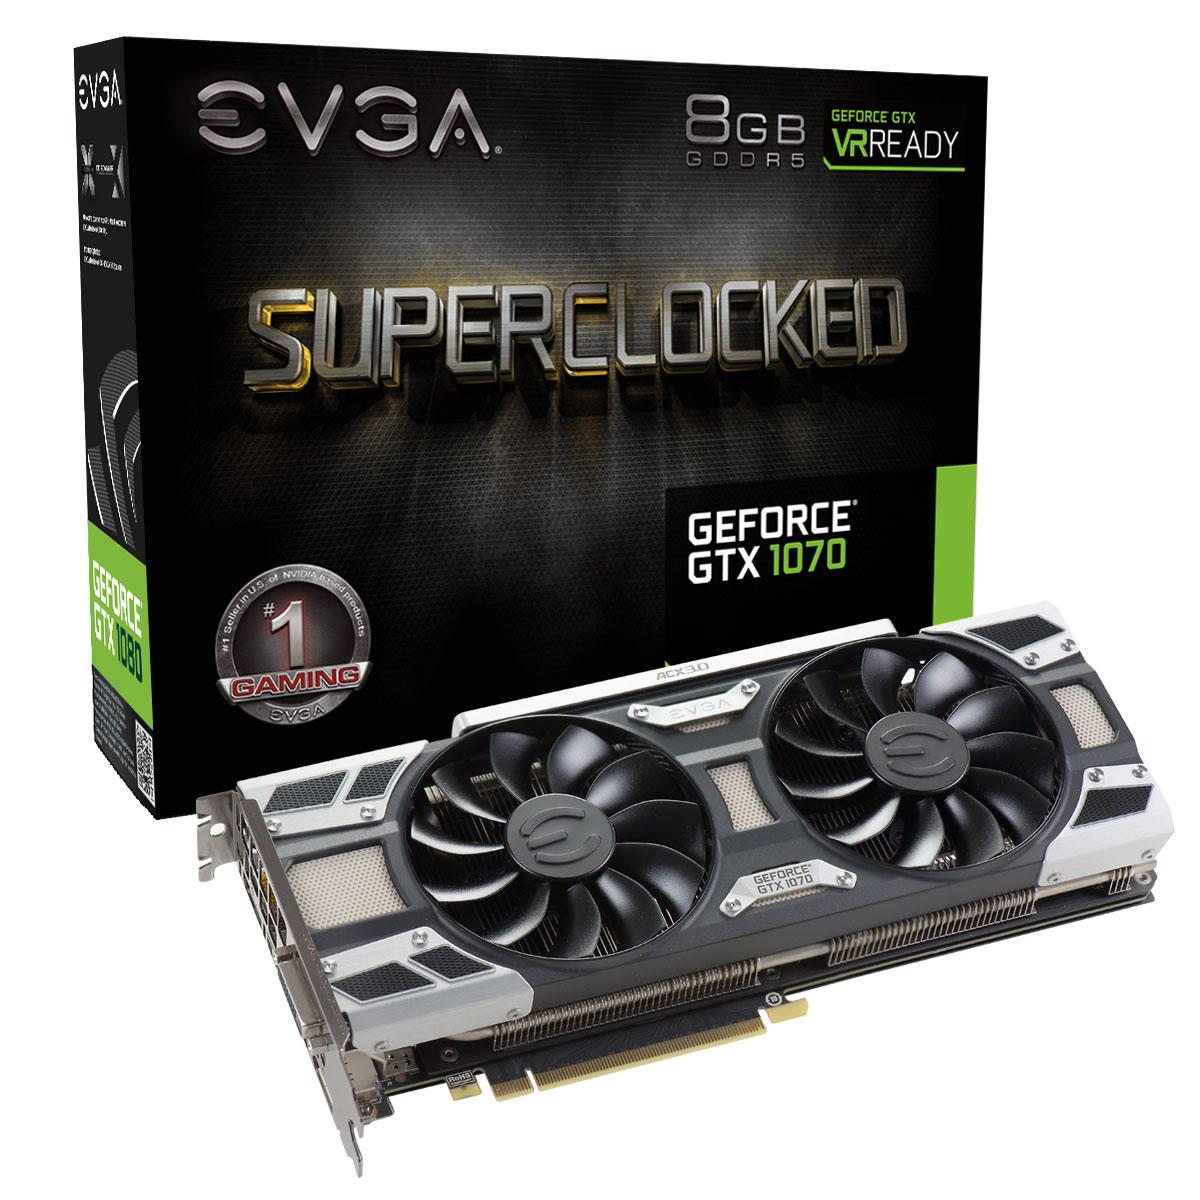 EVGA GeForce GTX 1070 SC GAMING ACX 3.0 (08G-P4-6173-KR) - Achat / Vente Carte graphique sur Cybertek.fr - 0